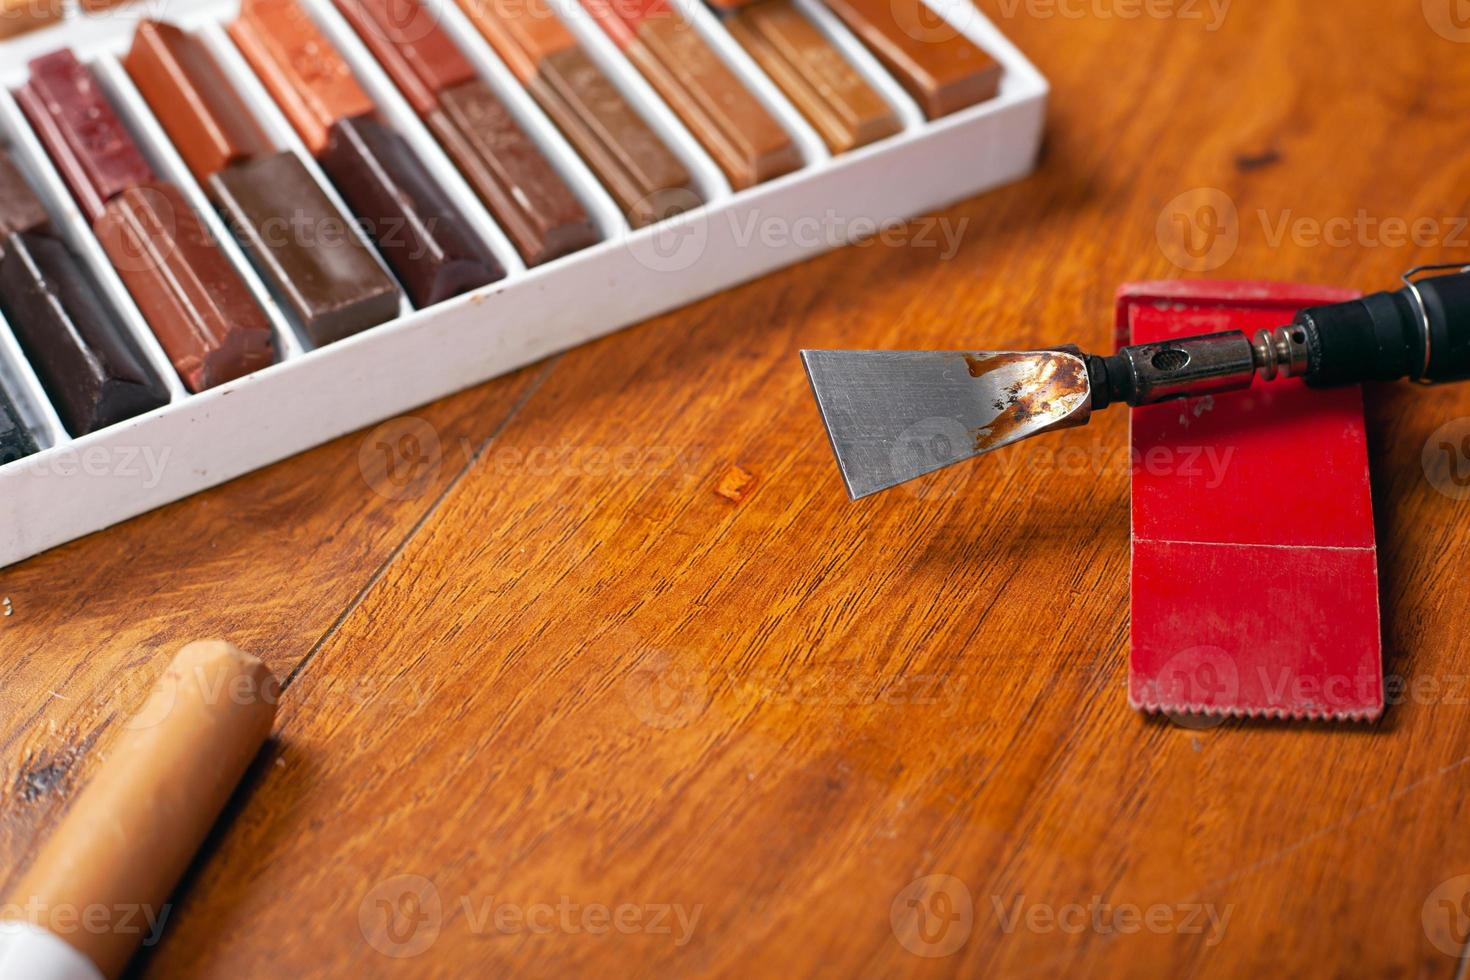 Werkzeuge und ein Satz Wachsstifte zum Versiegeln von Kratzern und Spänen foto